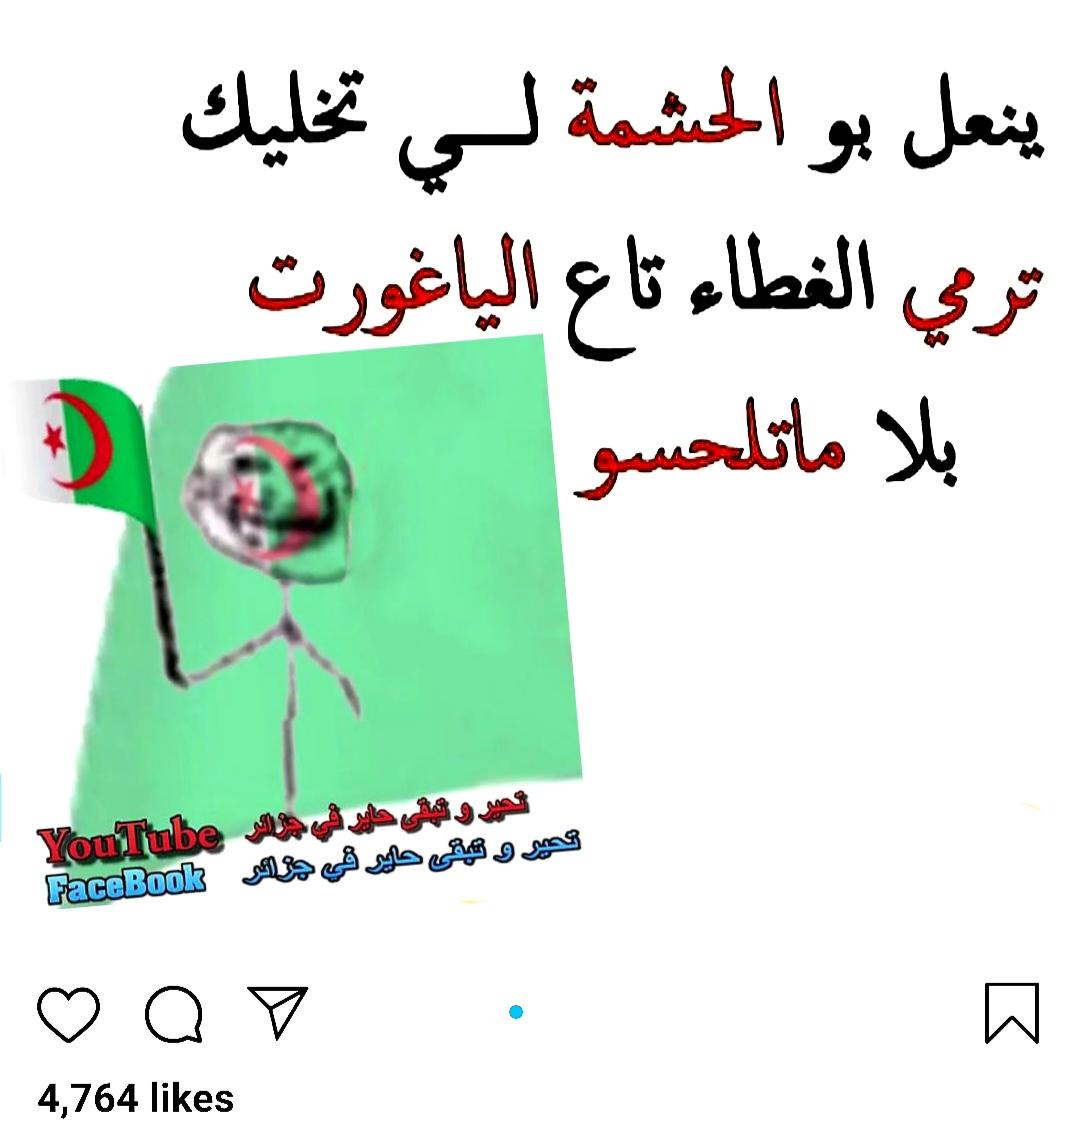 مجموعة نكت جزائرية مضحكة جدا جديد 2020 الحلقة 010